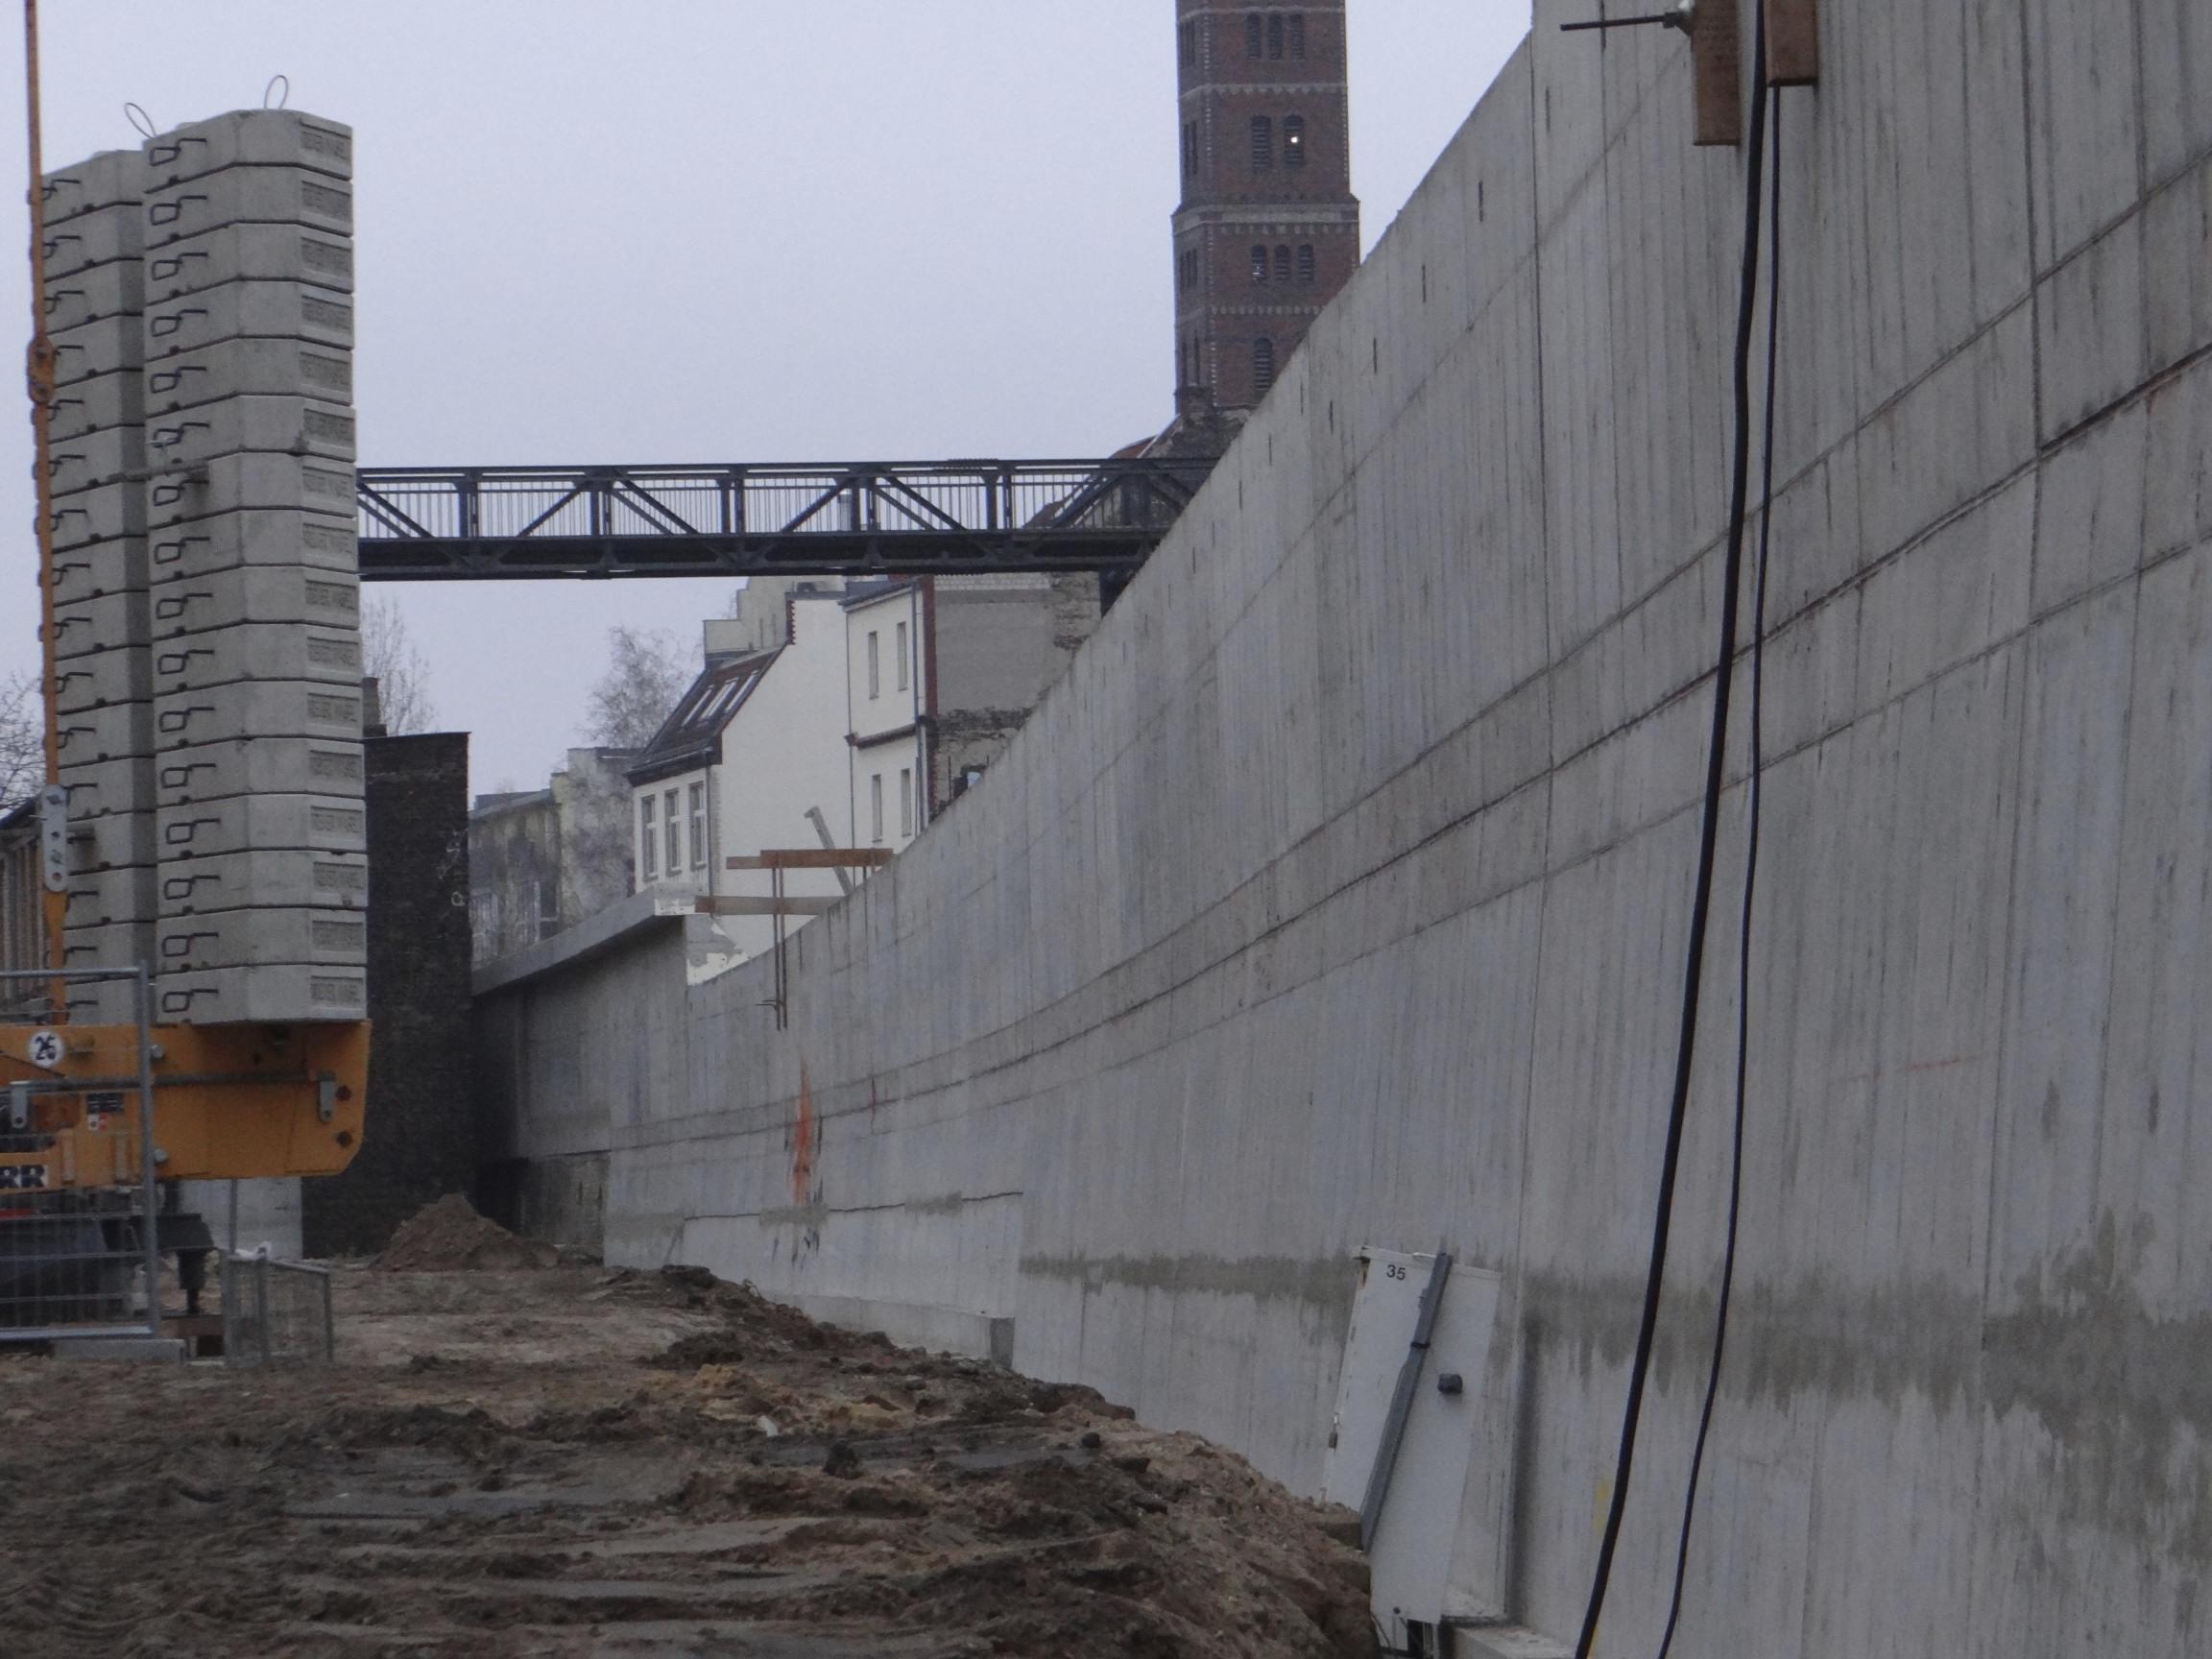 Stützmauer an der Ostbahn